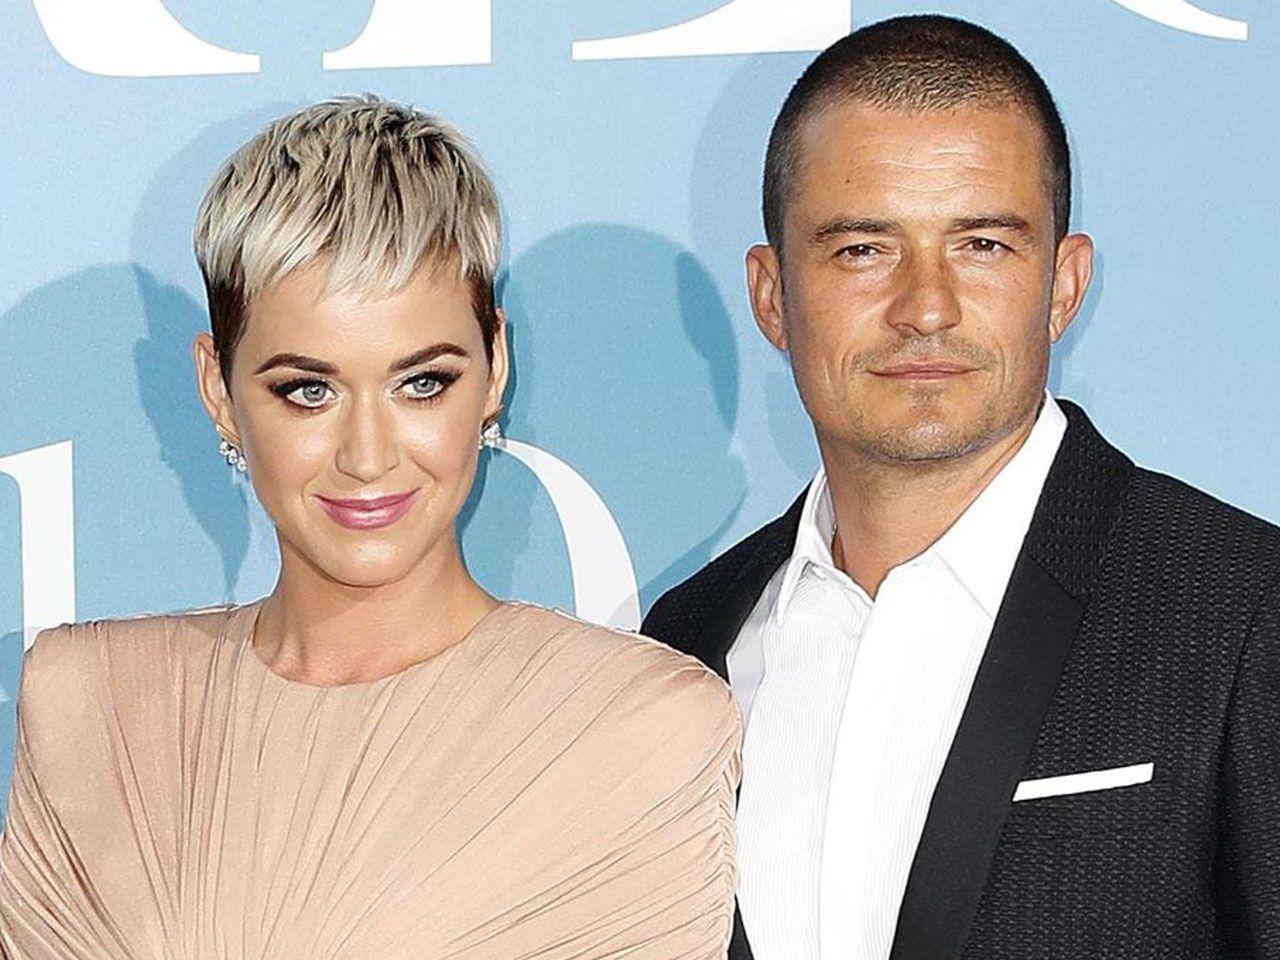 Katy Perry e Orlando Bloom si sposano: spunta l'anello di fidanzamento